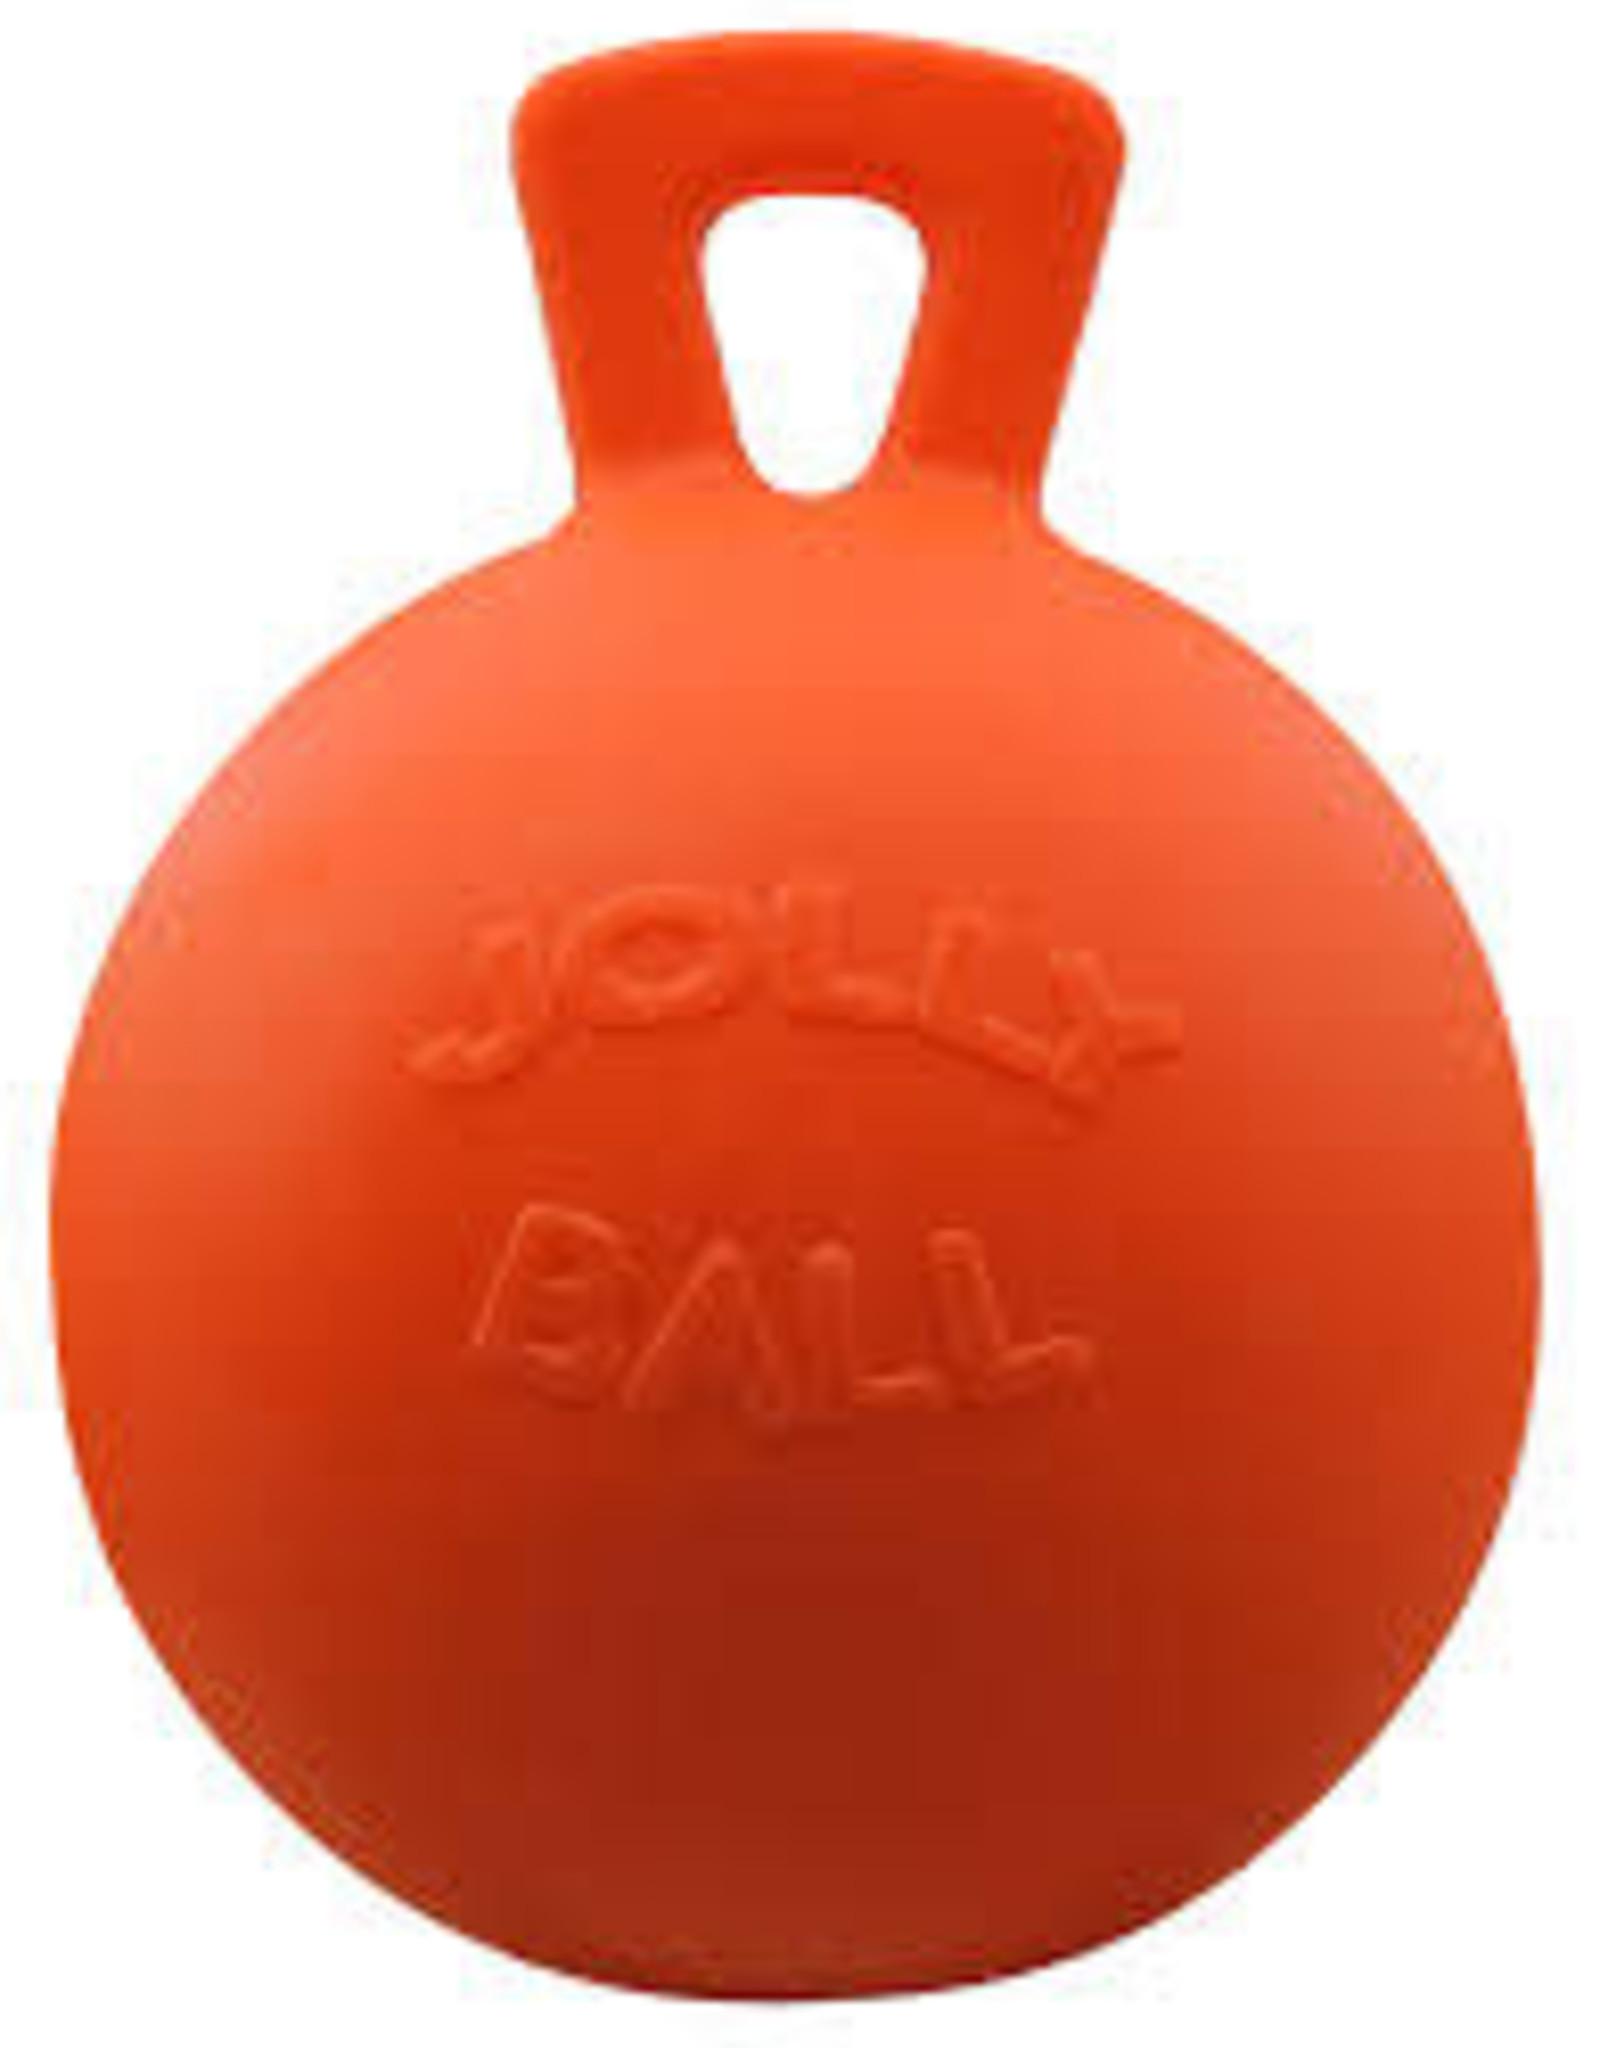 Jolly ball Jolly ball Speelbal Oranje Vanille